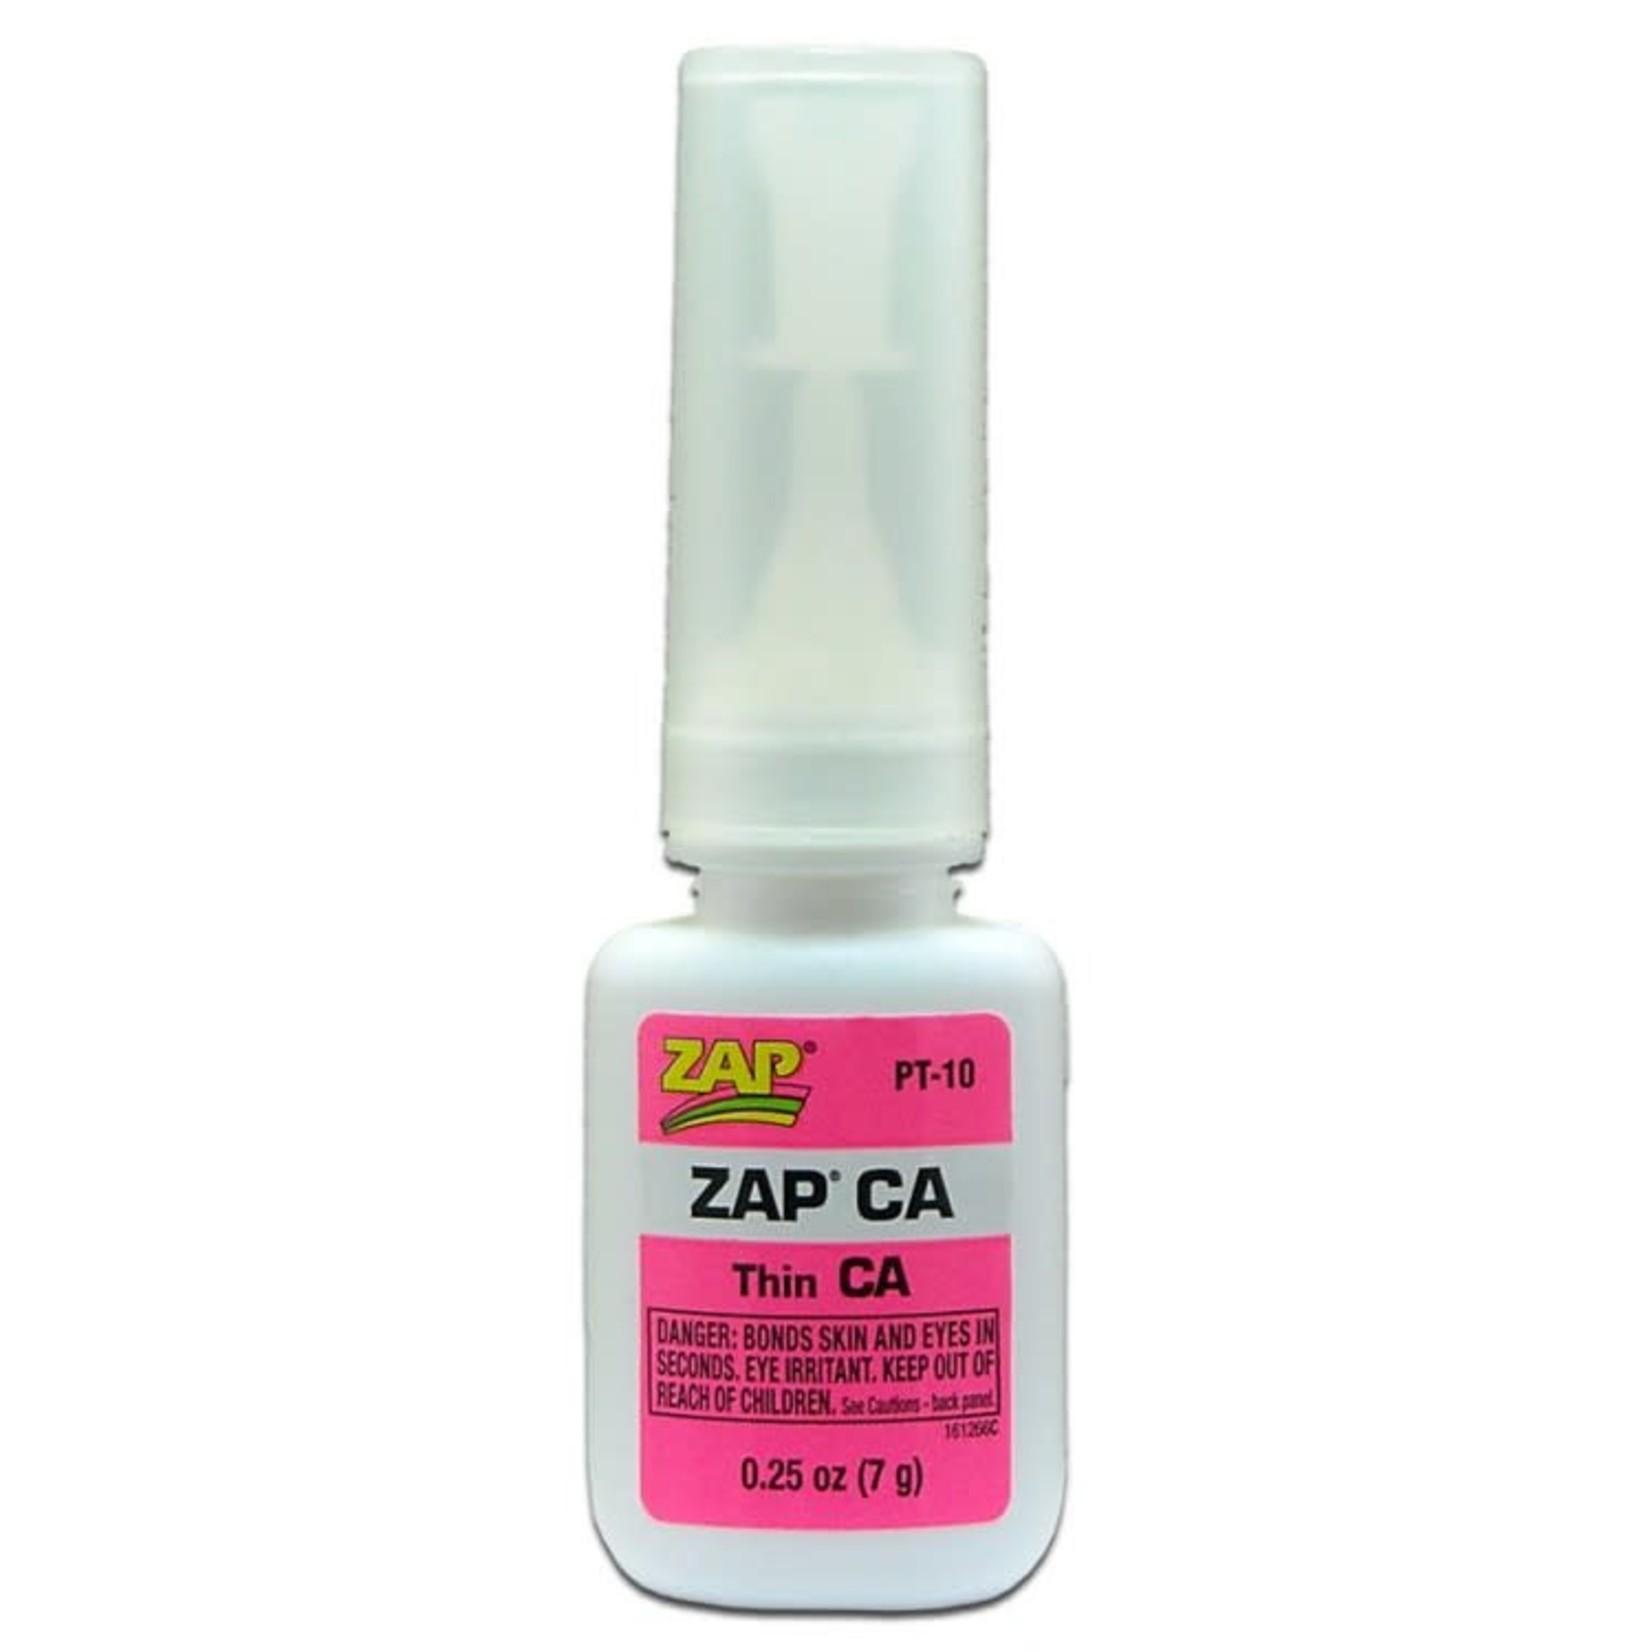 1/4 oz Zap CA (1-5 sec)